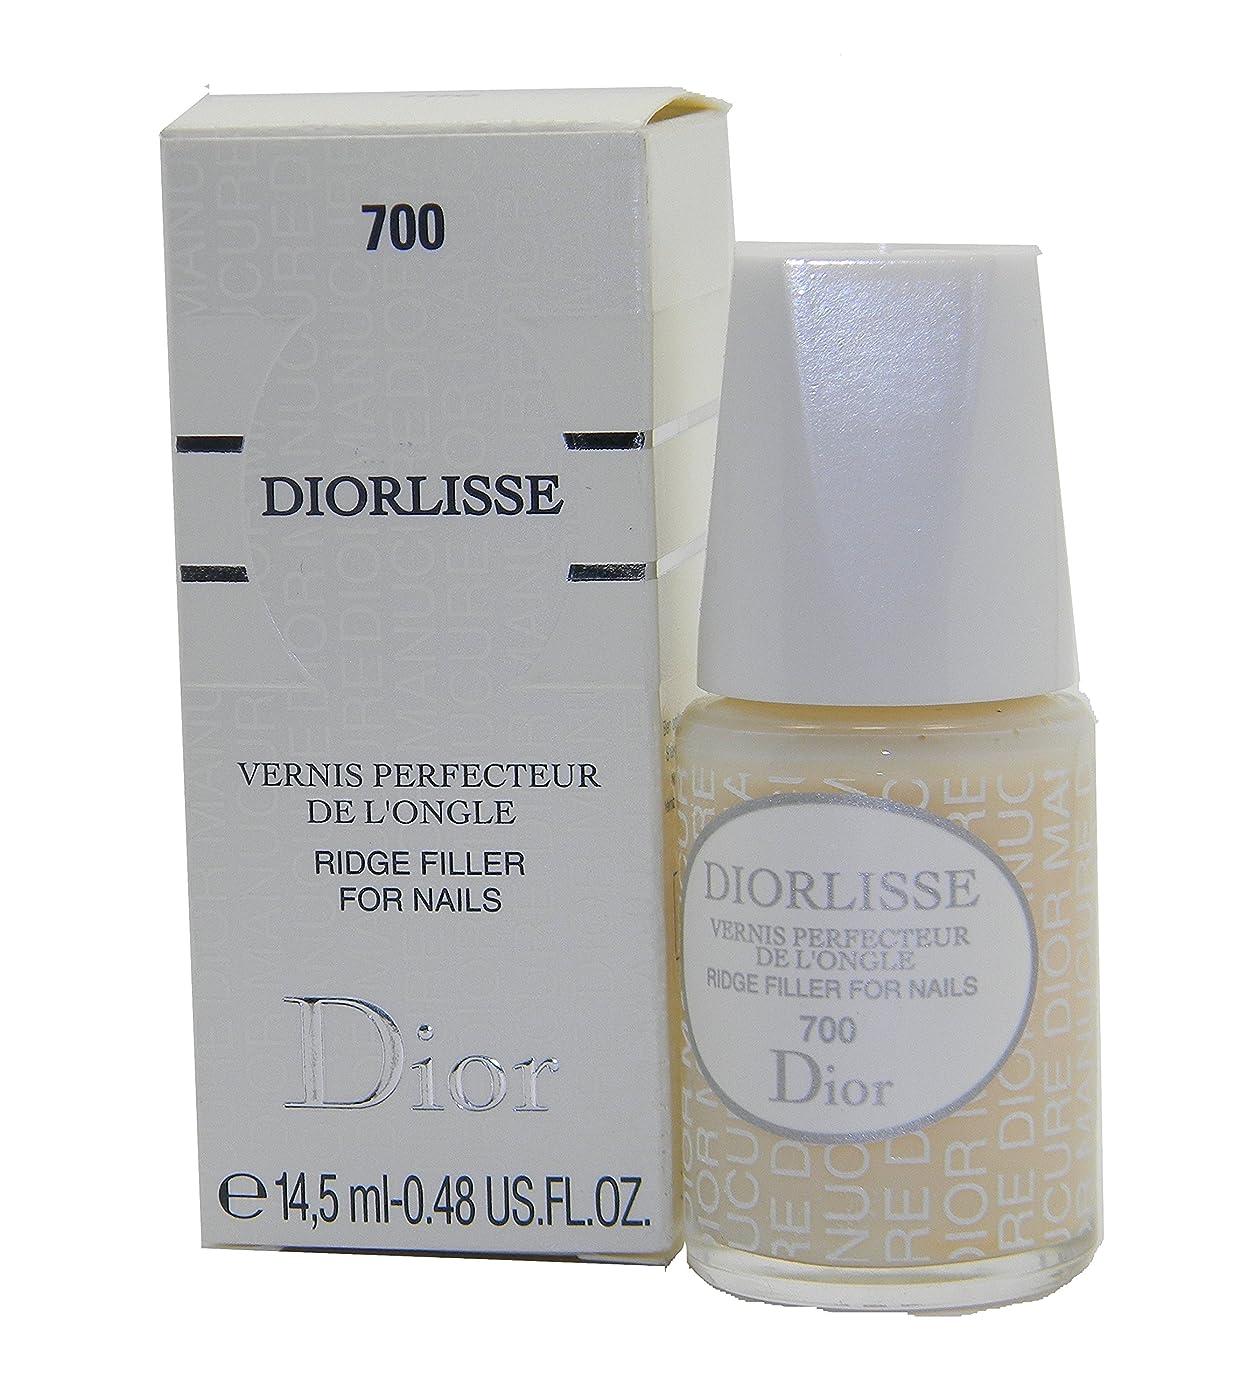 化合物違う理容師Dior Diorlisse Ridge Filler For Nail 700(ディオールリス リッジフィラー フォーネイル 700)[海外直送品] [並行輸入品]